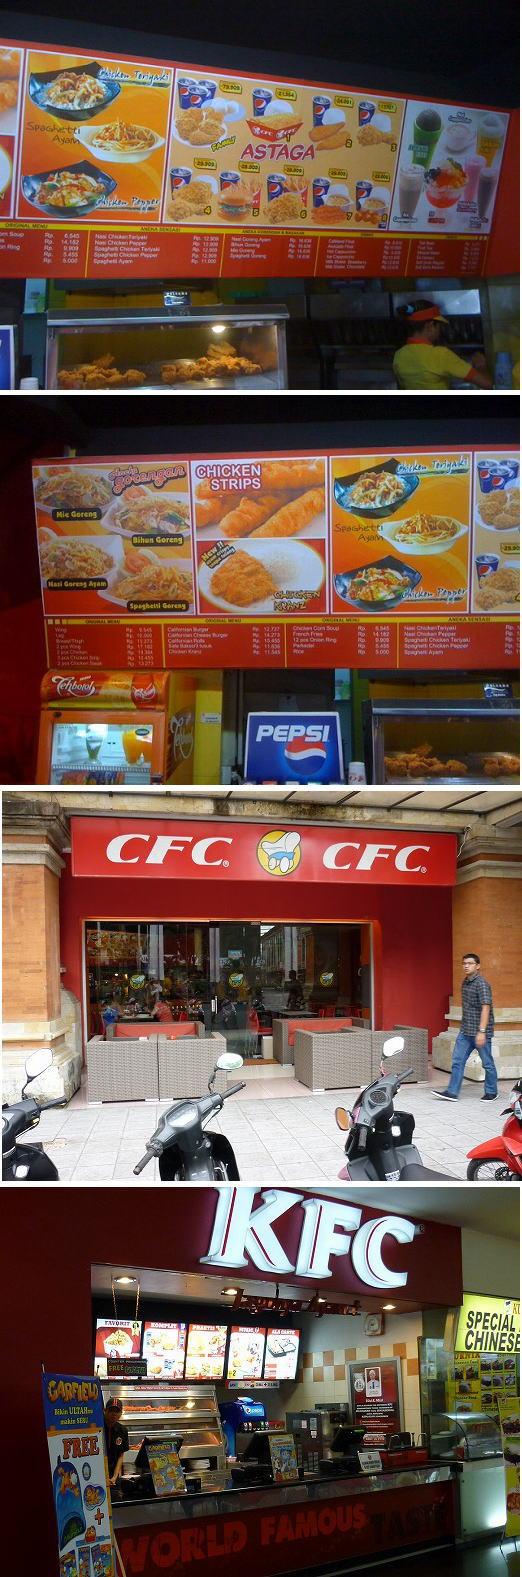 KFC CFCブログサイズ